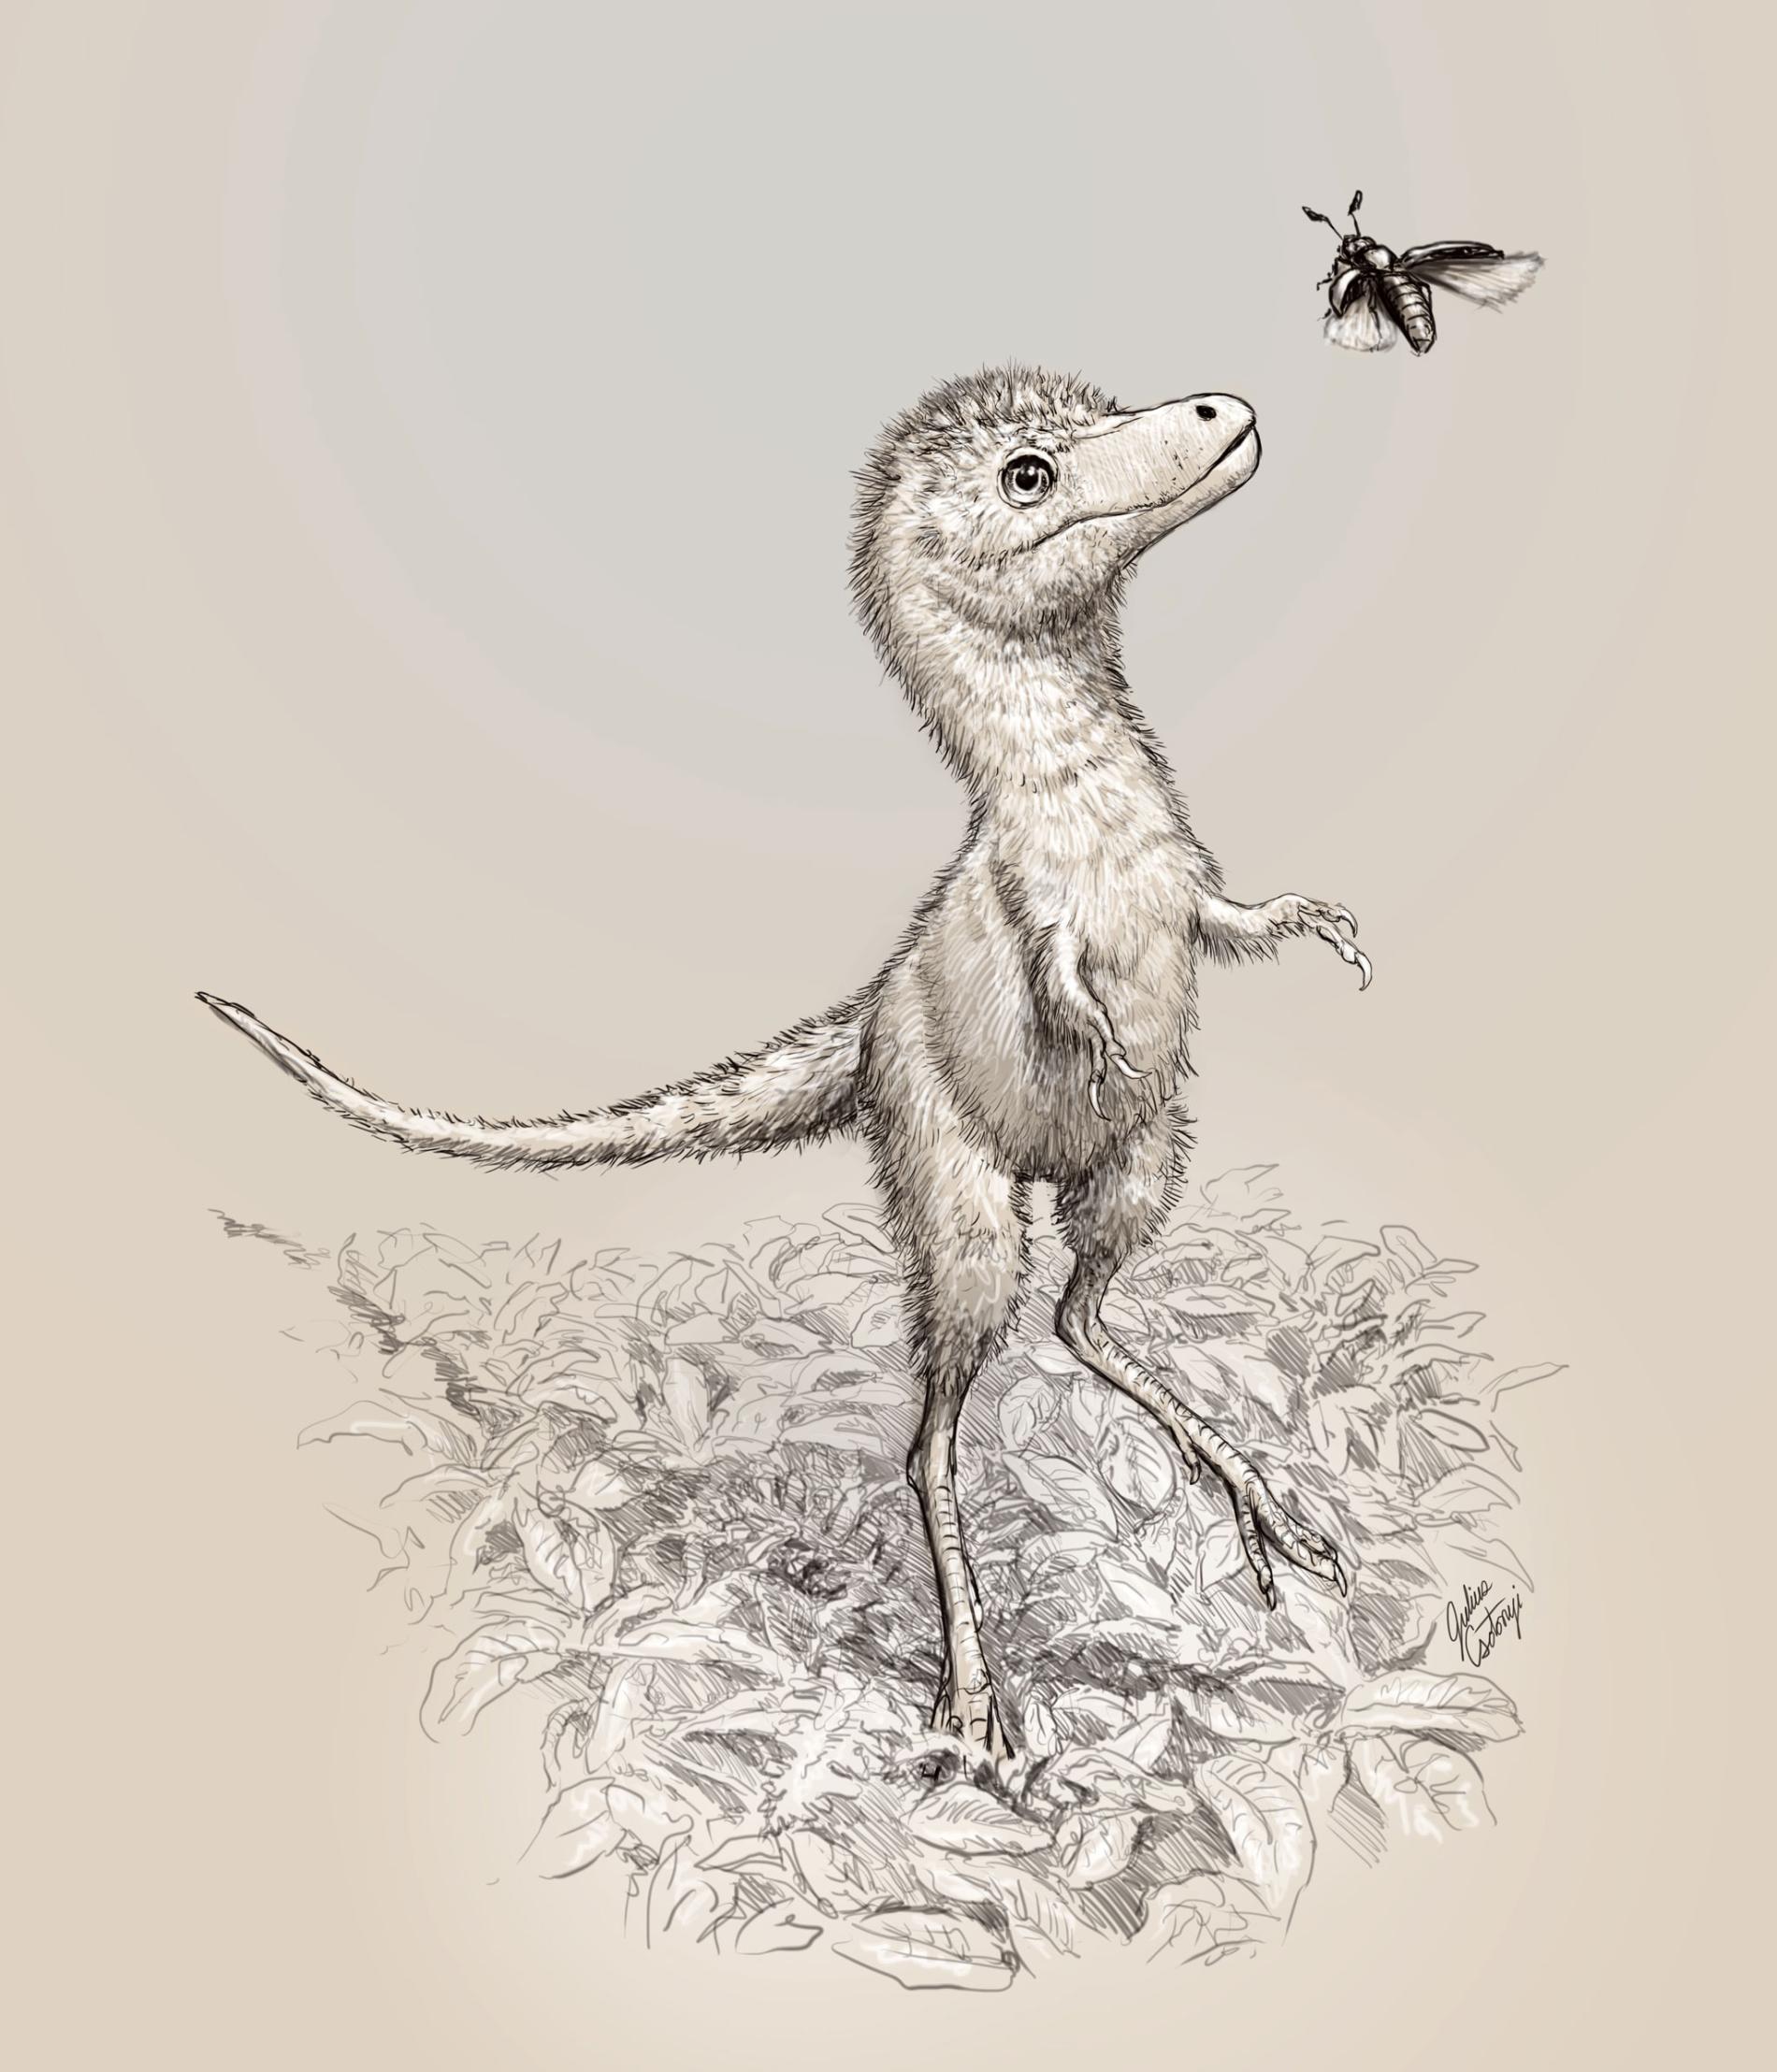 插圖描繪霸王龍(Tyrannosaurus rex)幼雛可能的樣貌。最近獲得描述的胚胎化石並不屬於霸王龍這個物種,而是較早的暴龍屬恐龍,詳細物種尚待辨認。 ILLUSTRATION BY JULIUS CSOTONYI